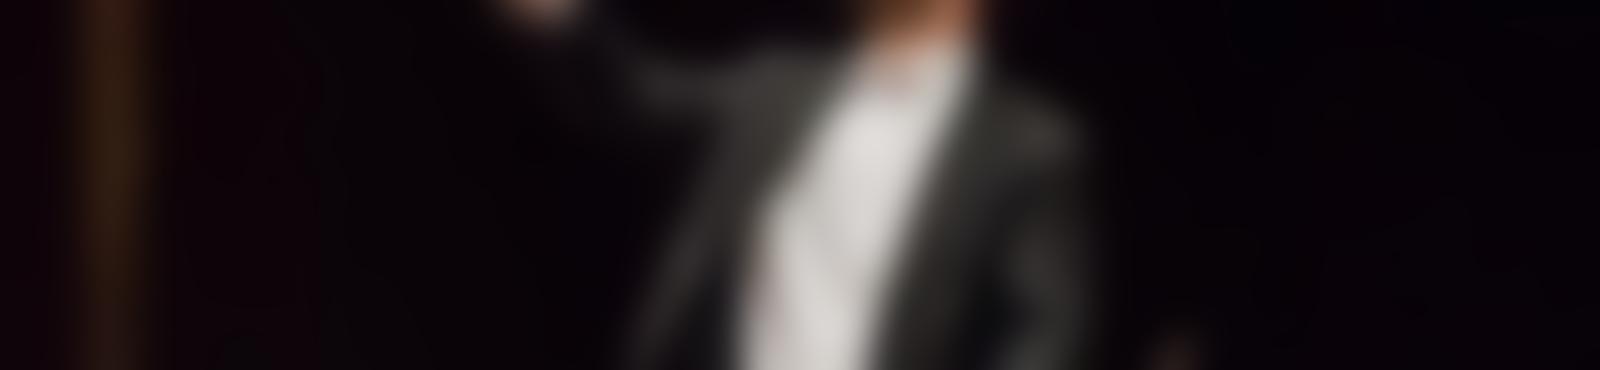 Blurred f1c2a105 56bf 4264 a38c 363b0d919ff7